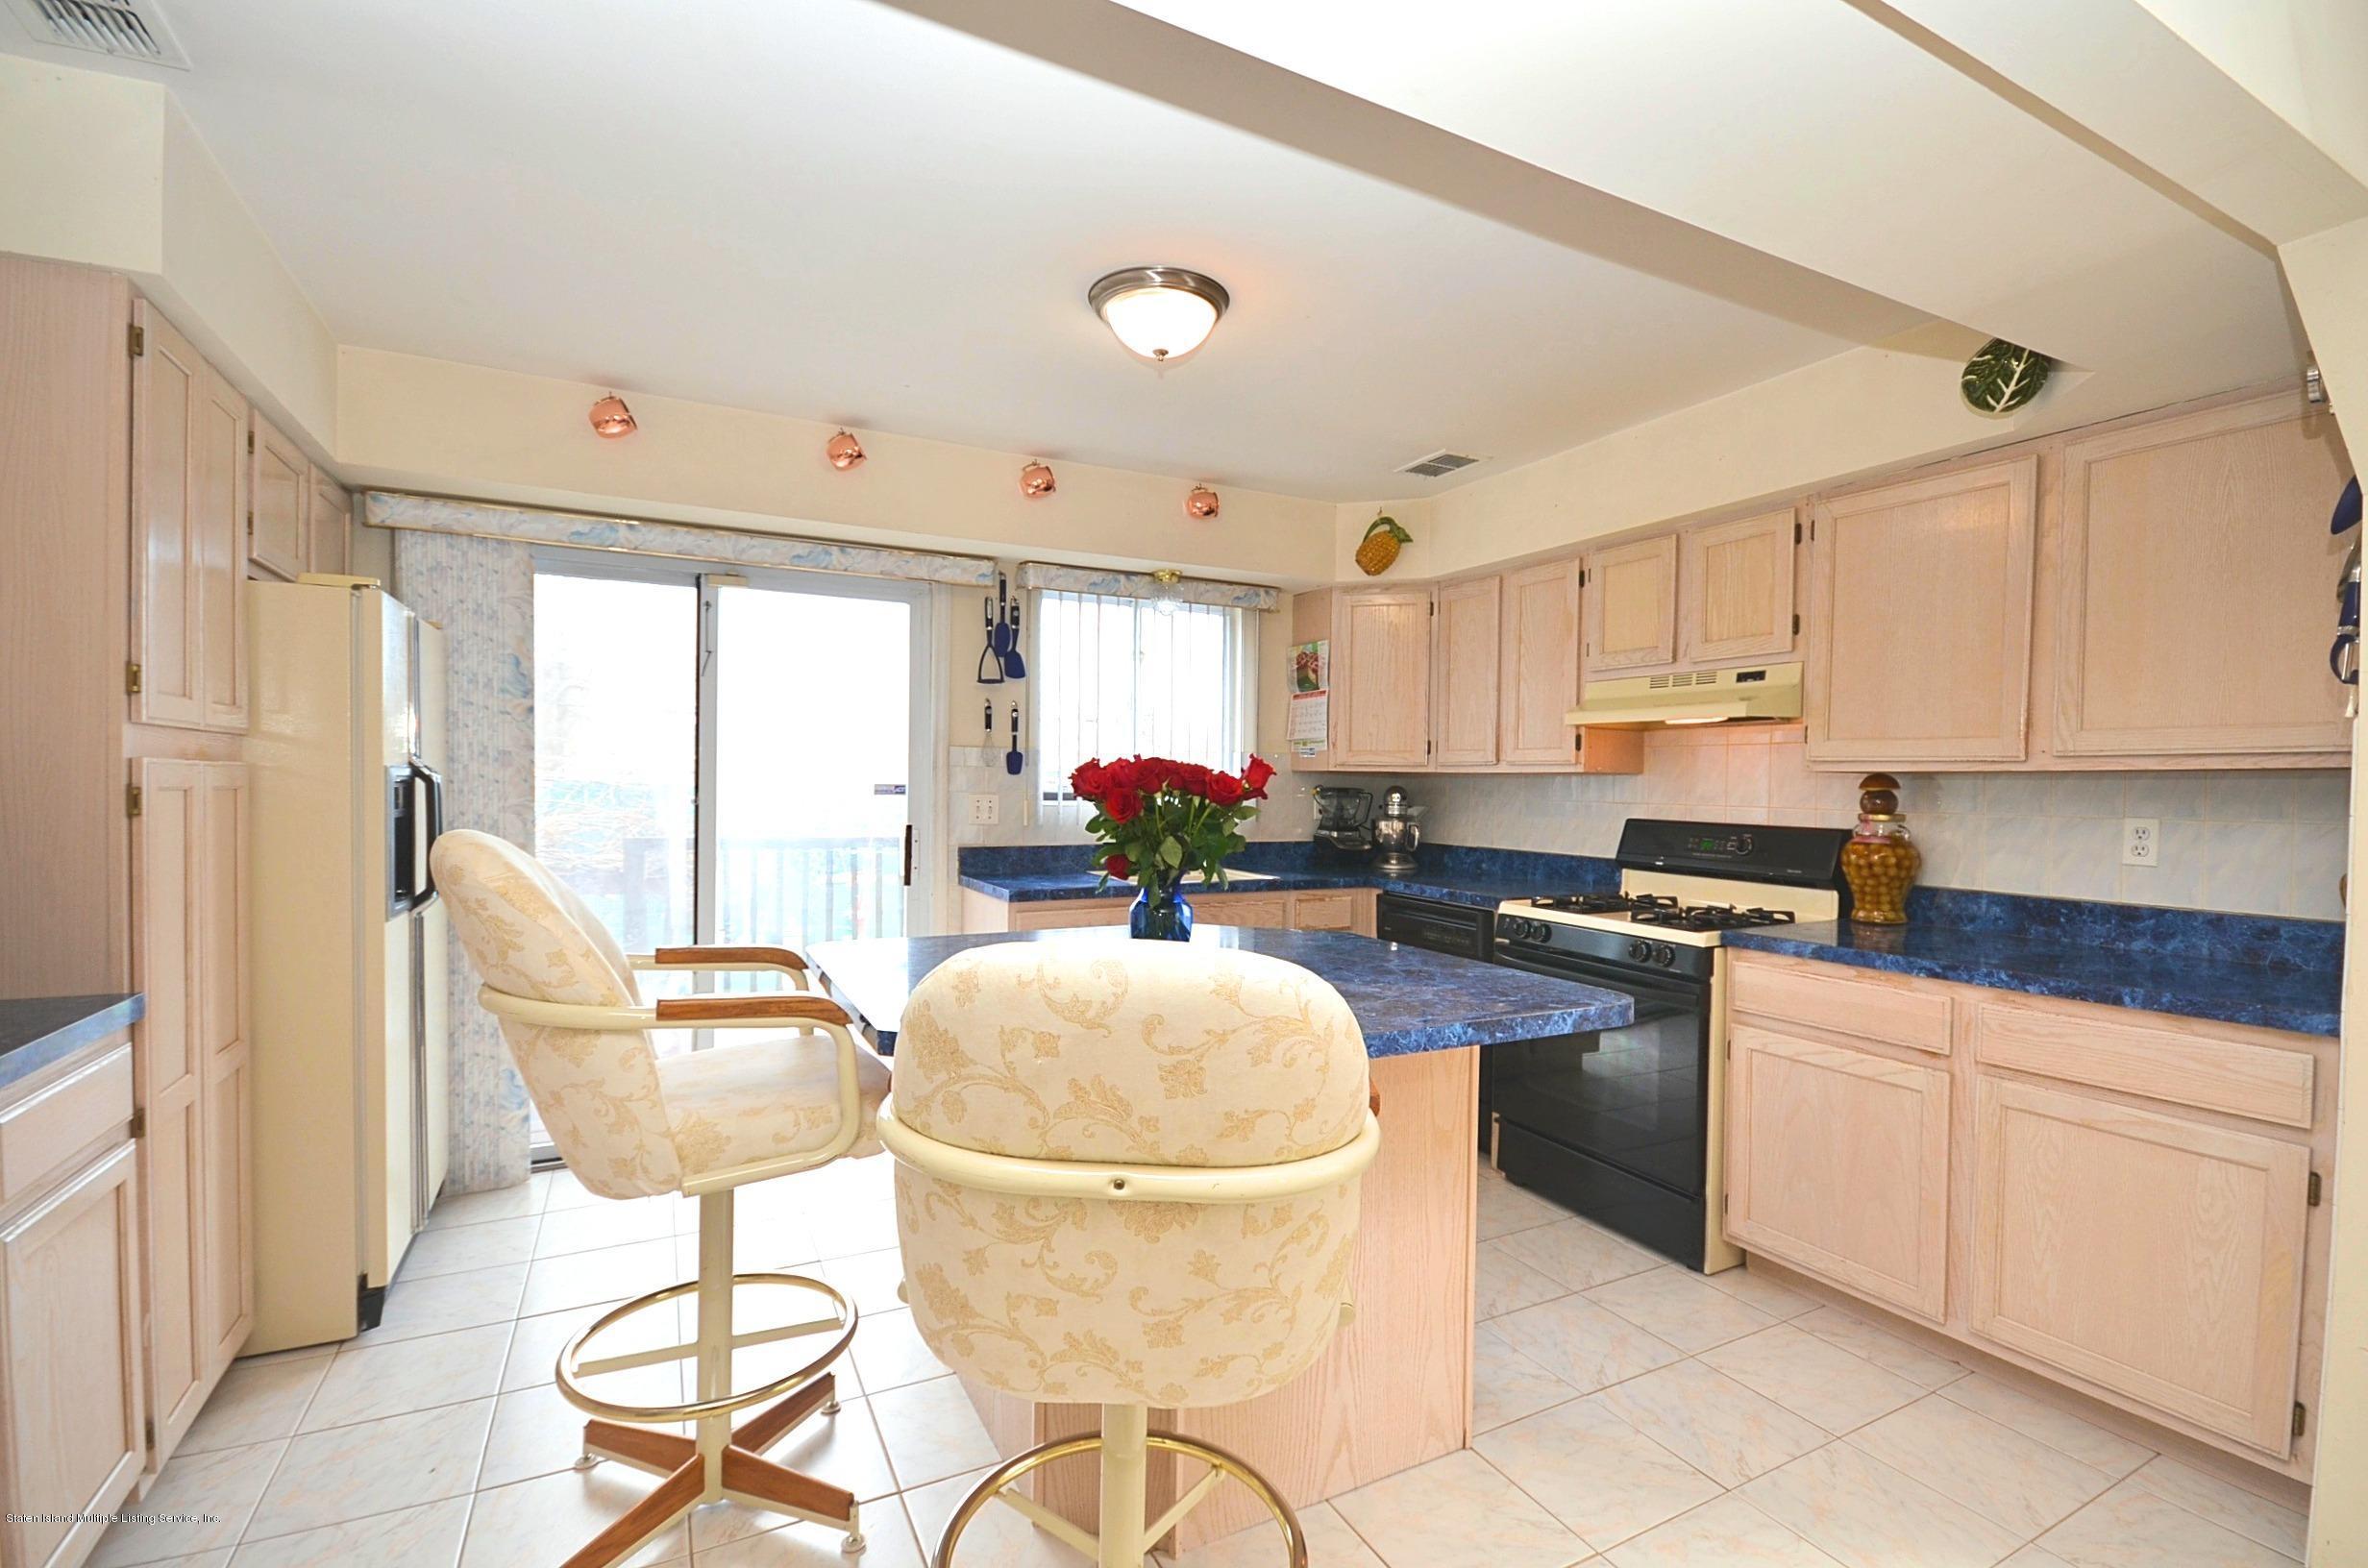 Single Family - Semi-Attached 447 Hillman Avenue  Staten Island, NY 10314, MLS-1126967-9